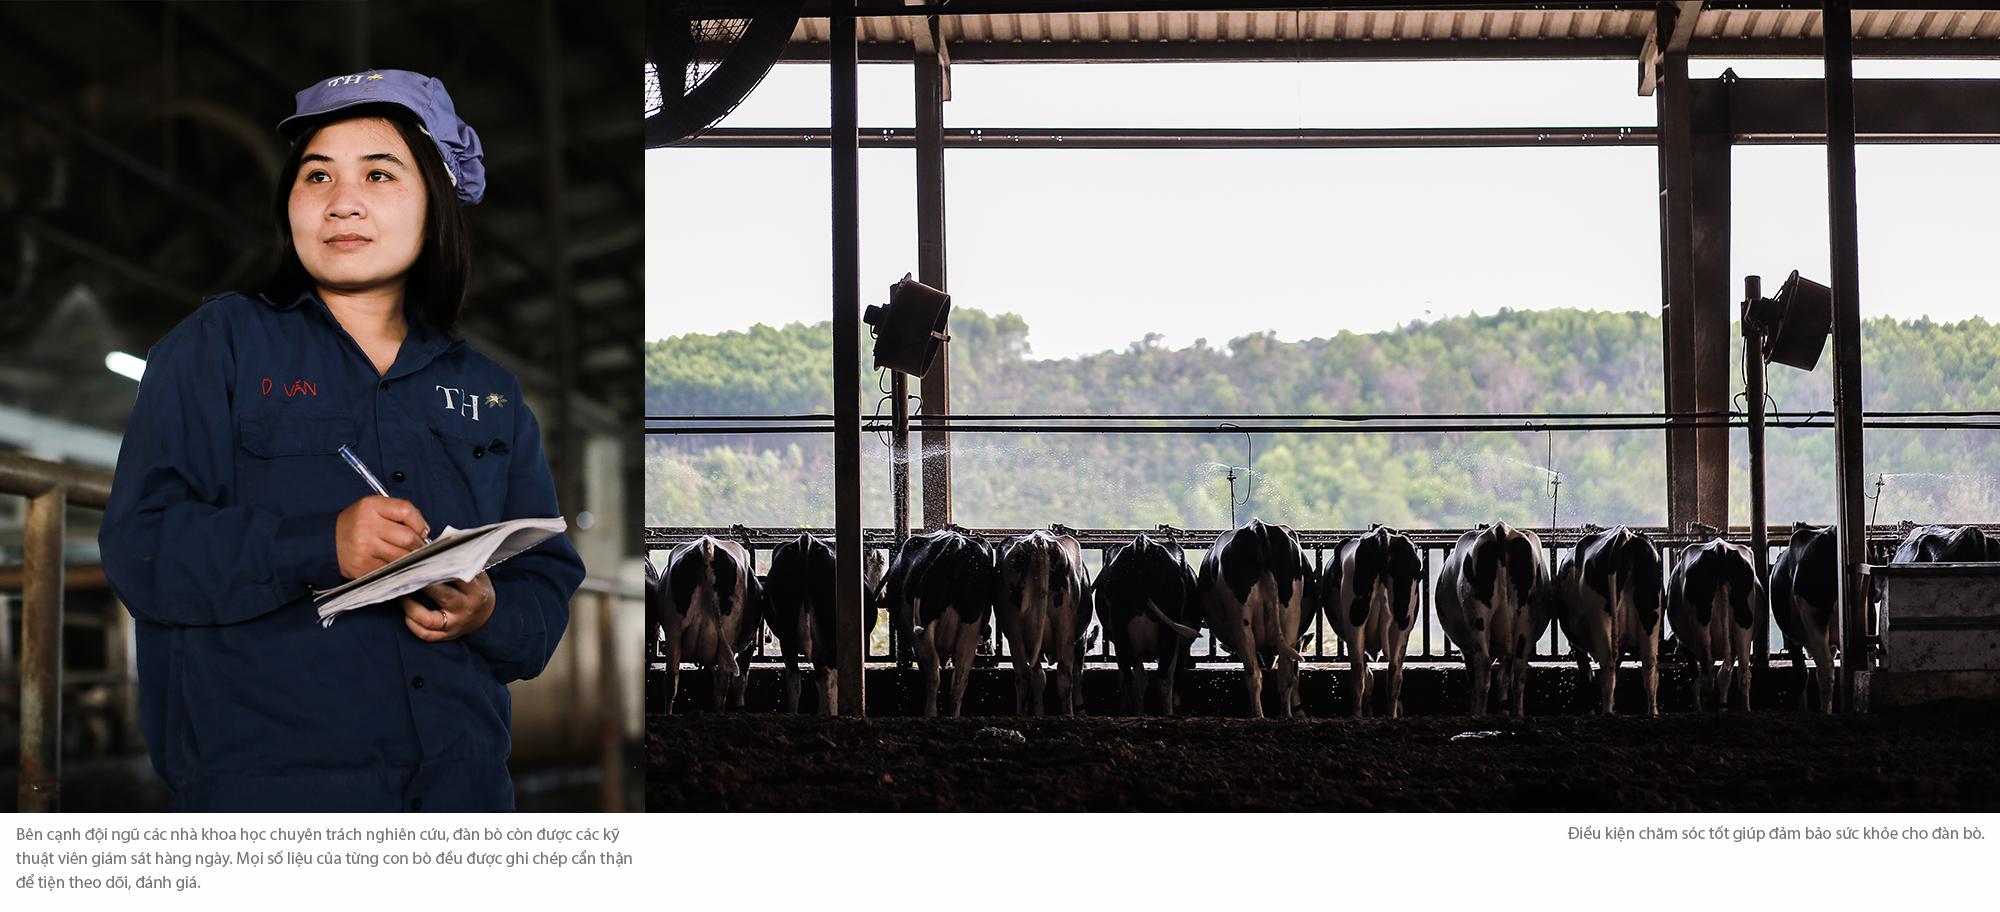 Cuộc sống như mơ của những cô bò hạnh phúc trong trang trại TH True Milk - Ảnh 9.